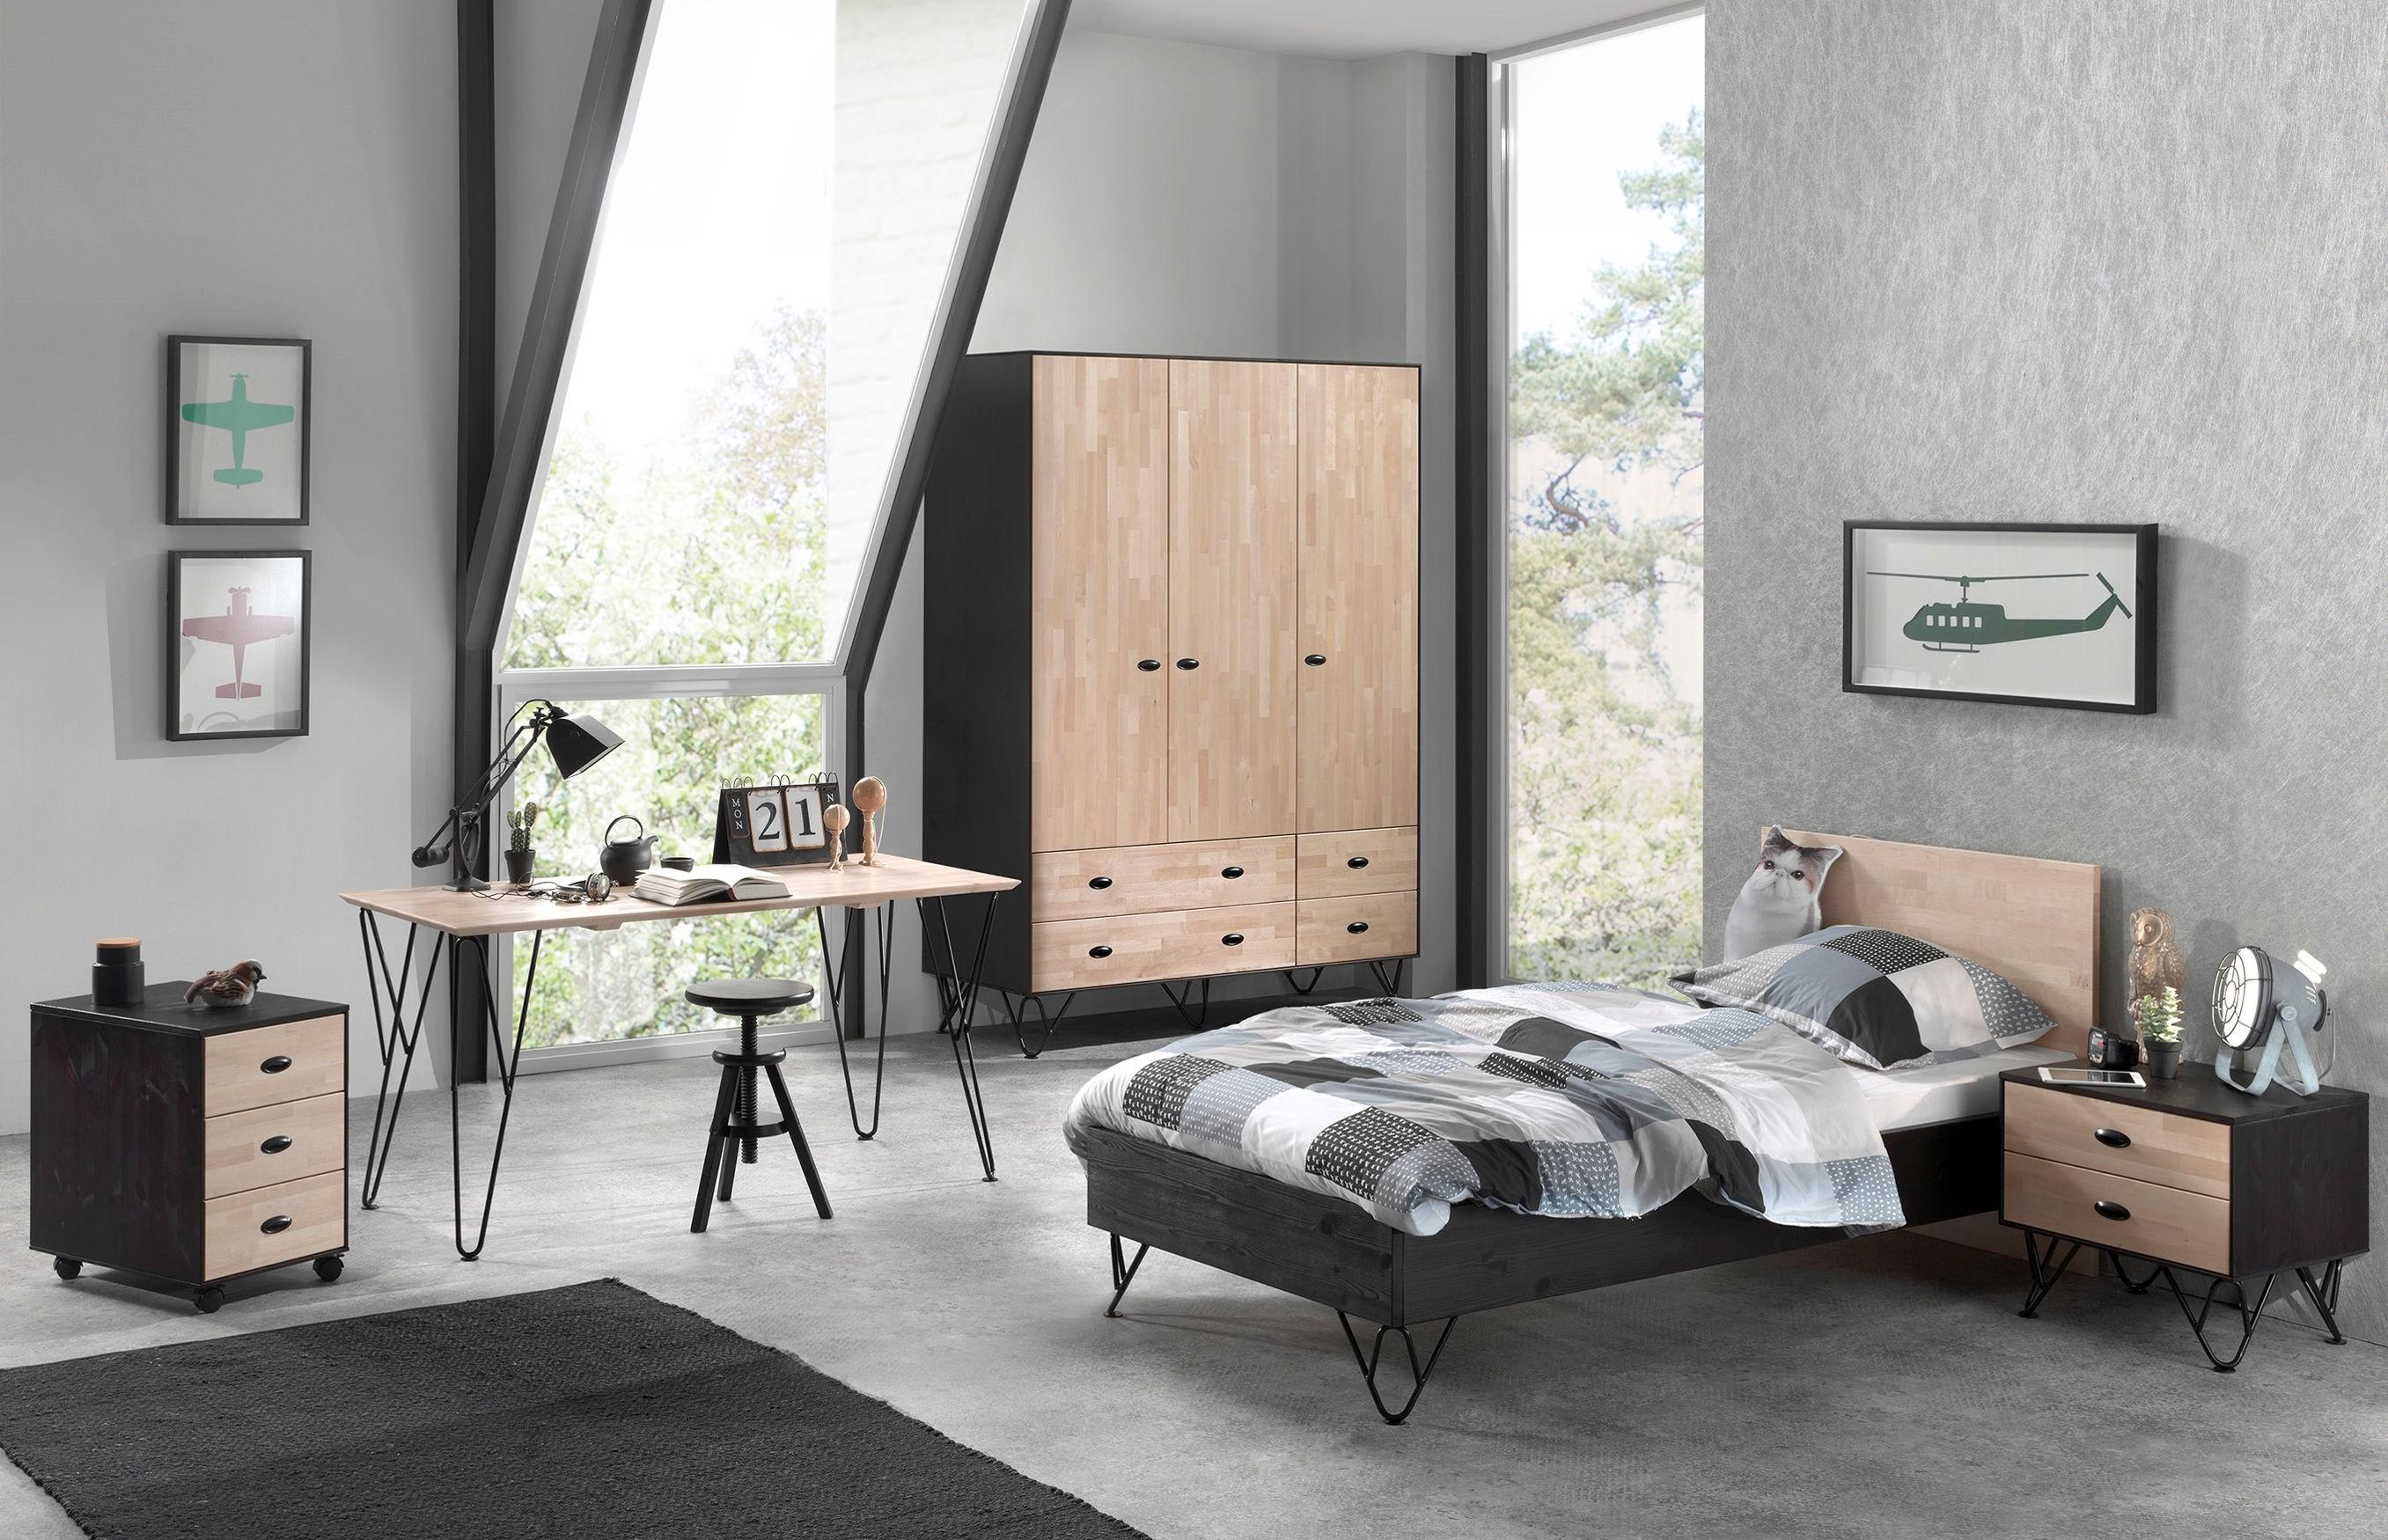 Möbel-Günstig.de - WILLIAM - Coole Jugendzimmer